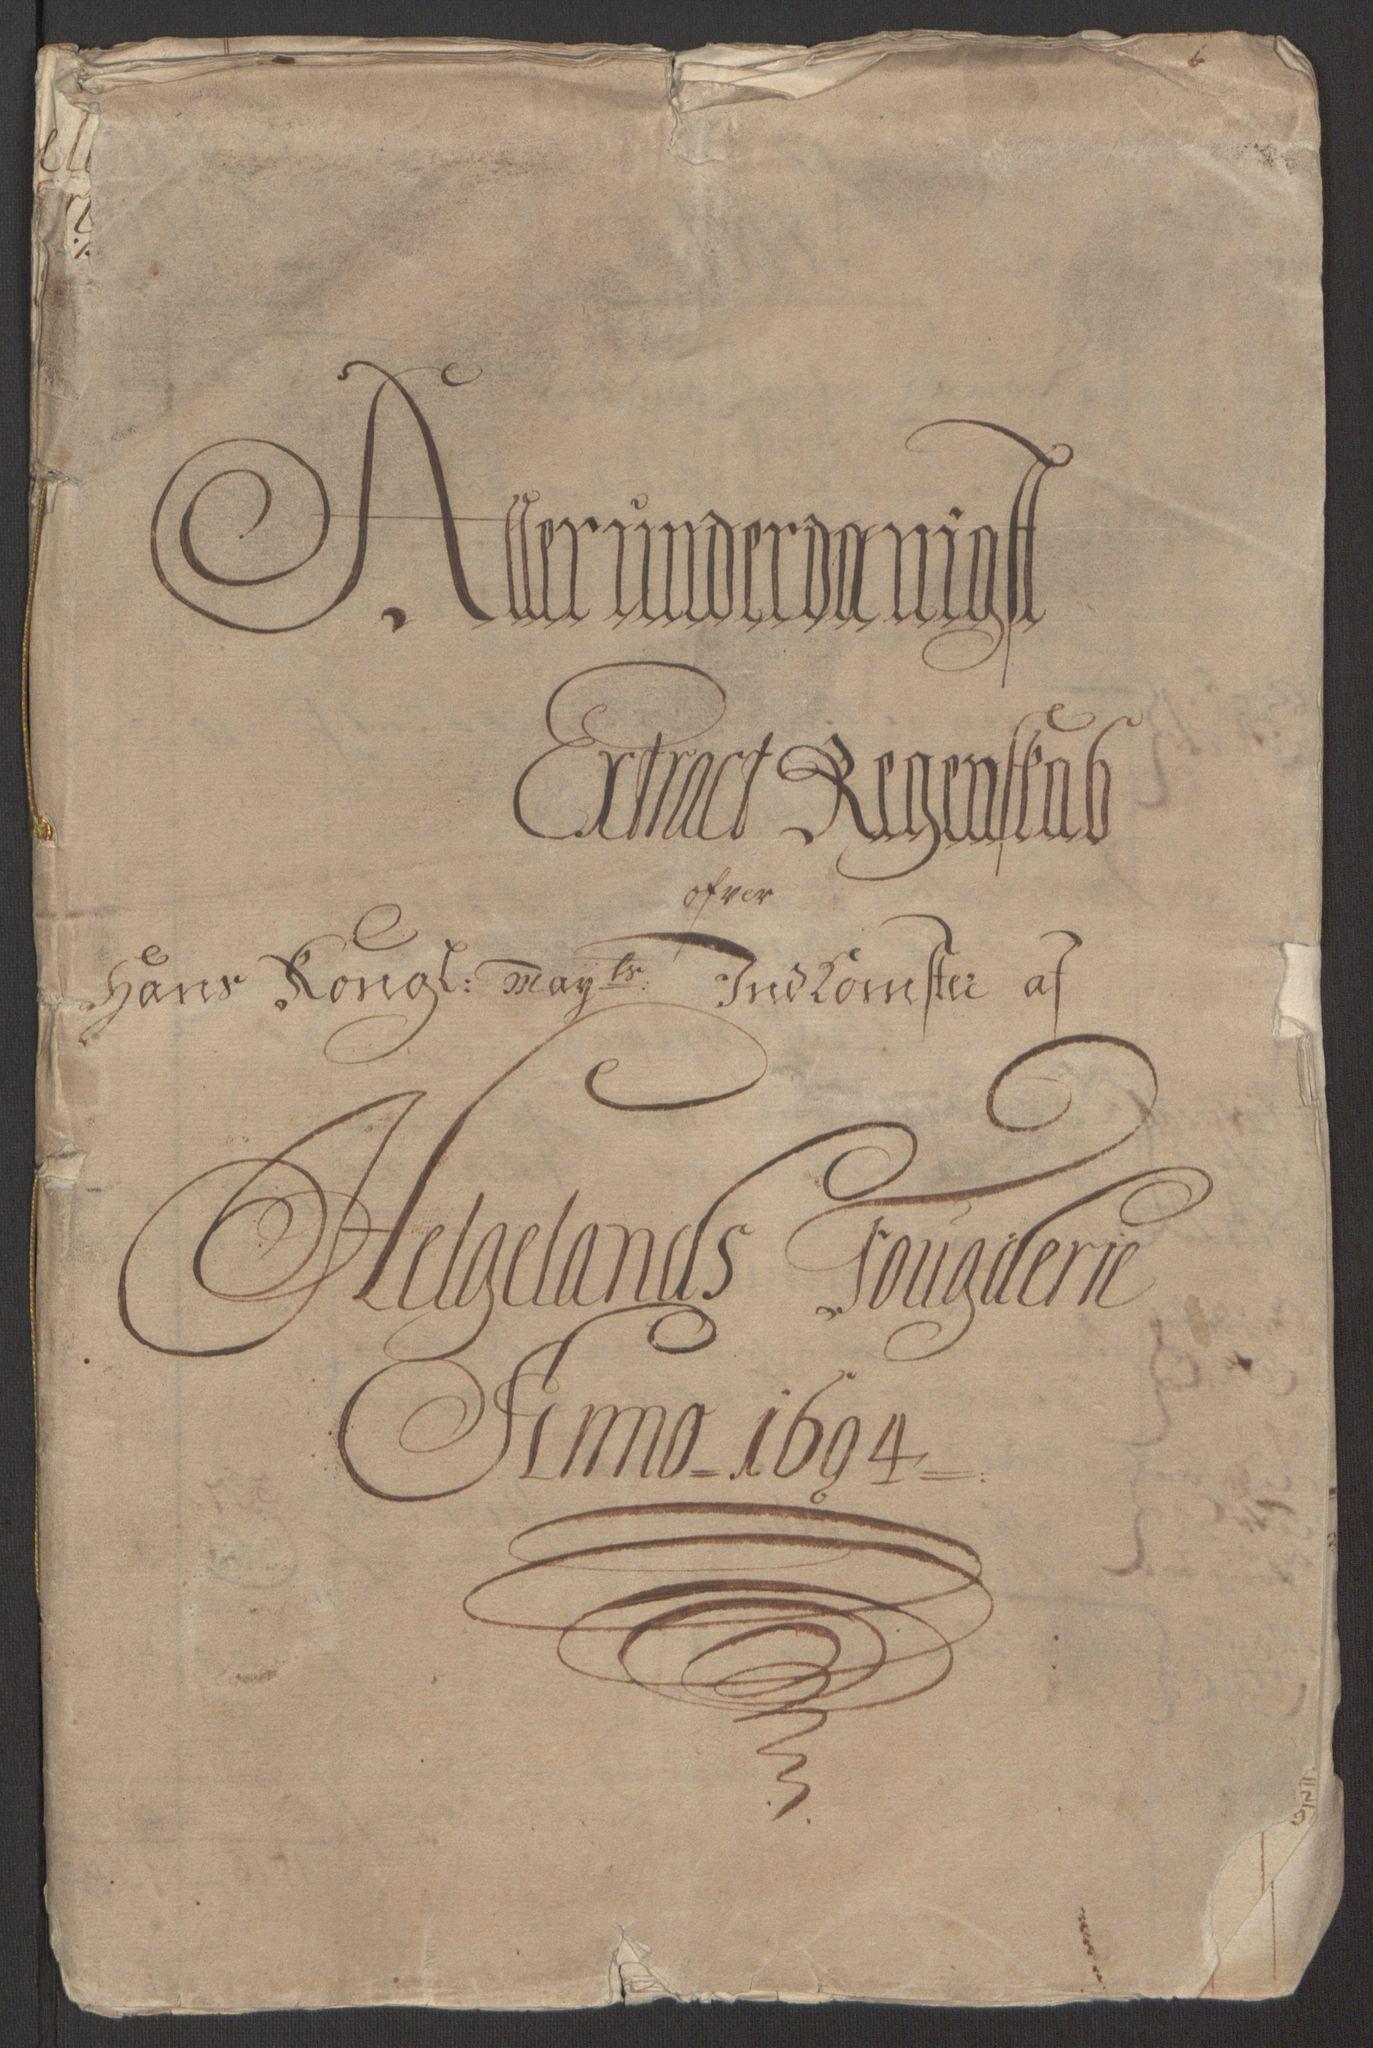 RA, Rentekammeret inntil 1814, Reviderte regnskaper, Fogderegnskap, R65/L4505: Fogderegnskap Helgeland, 1693-1696, s. 152